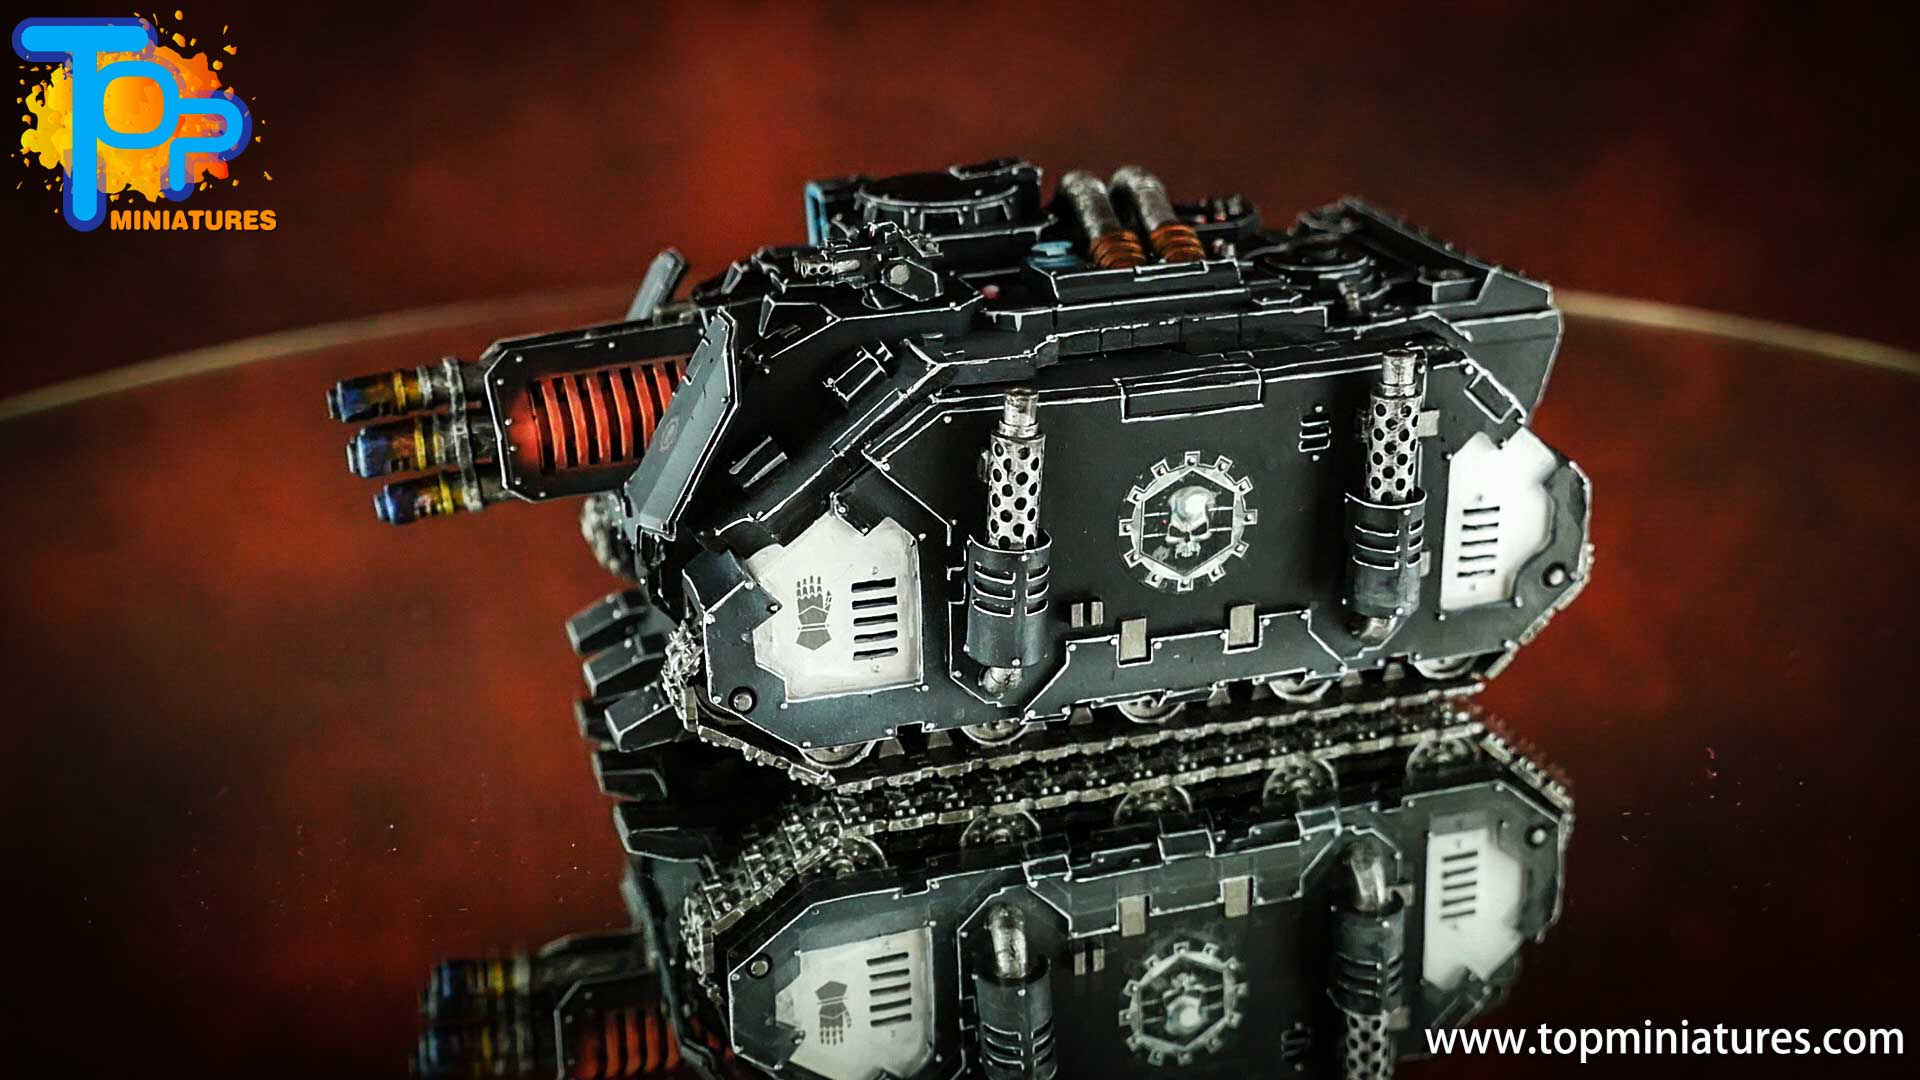 deimos vindicator laser destroyer (4)